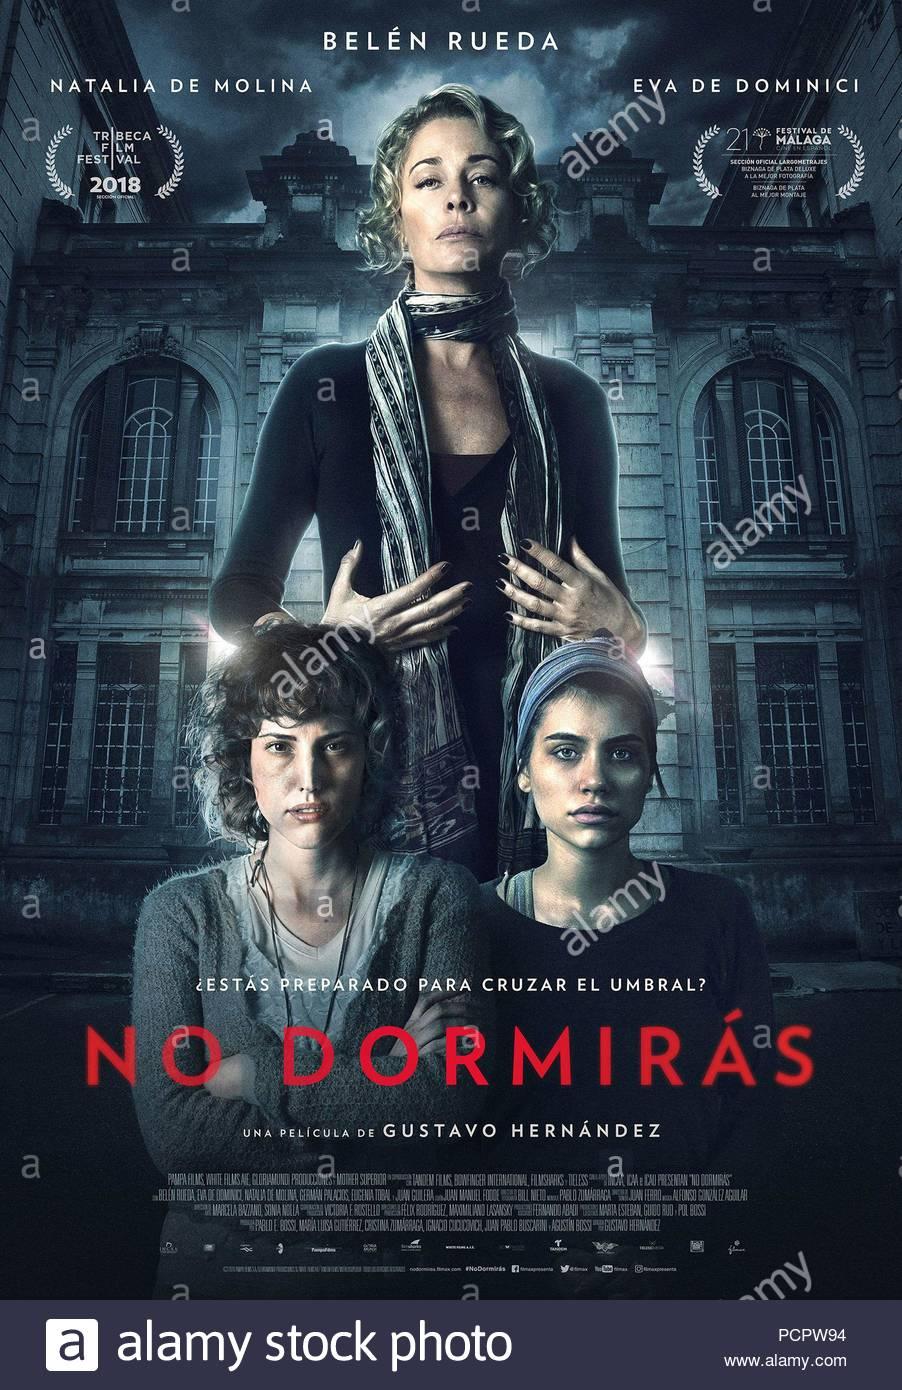 Resultado de imagem para No Dormirás Gustavo Hernández poster